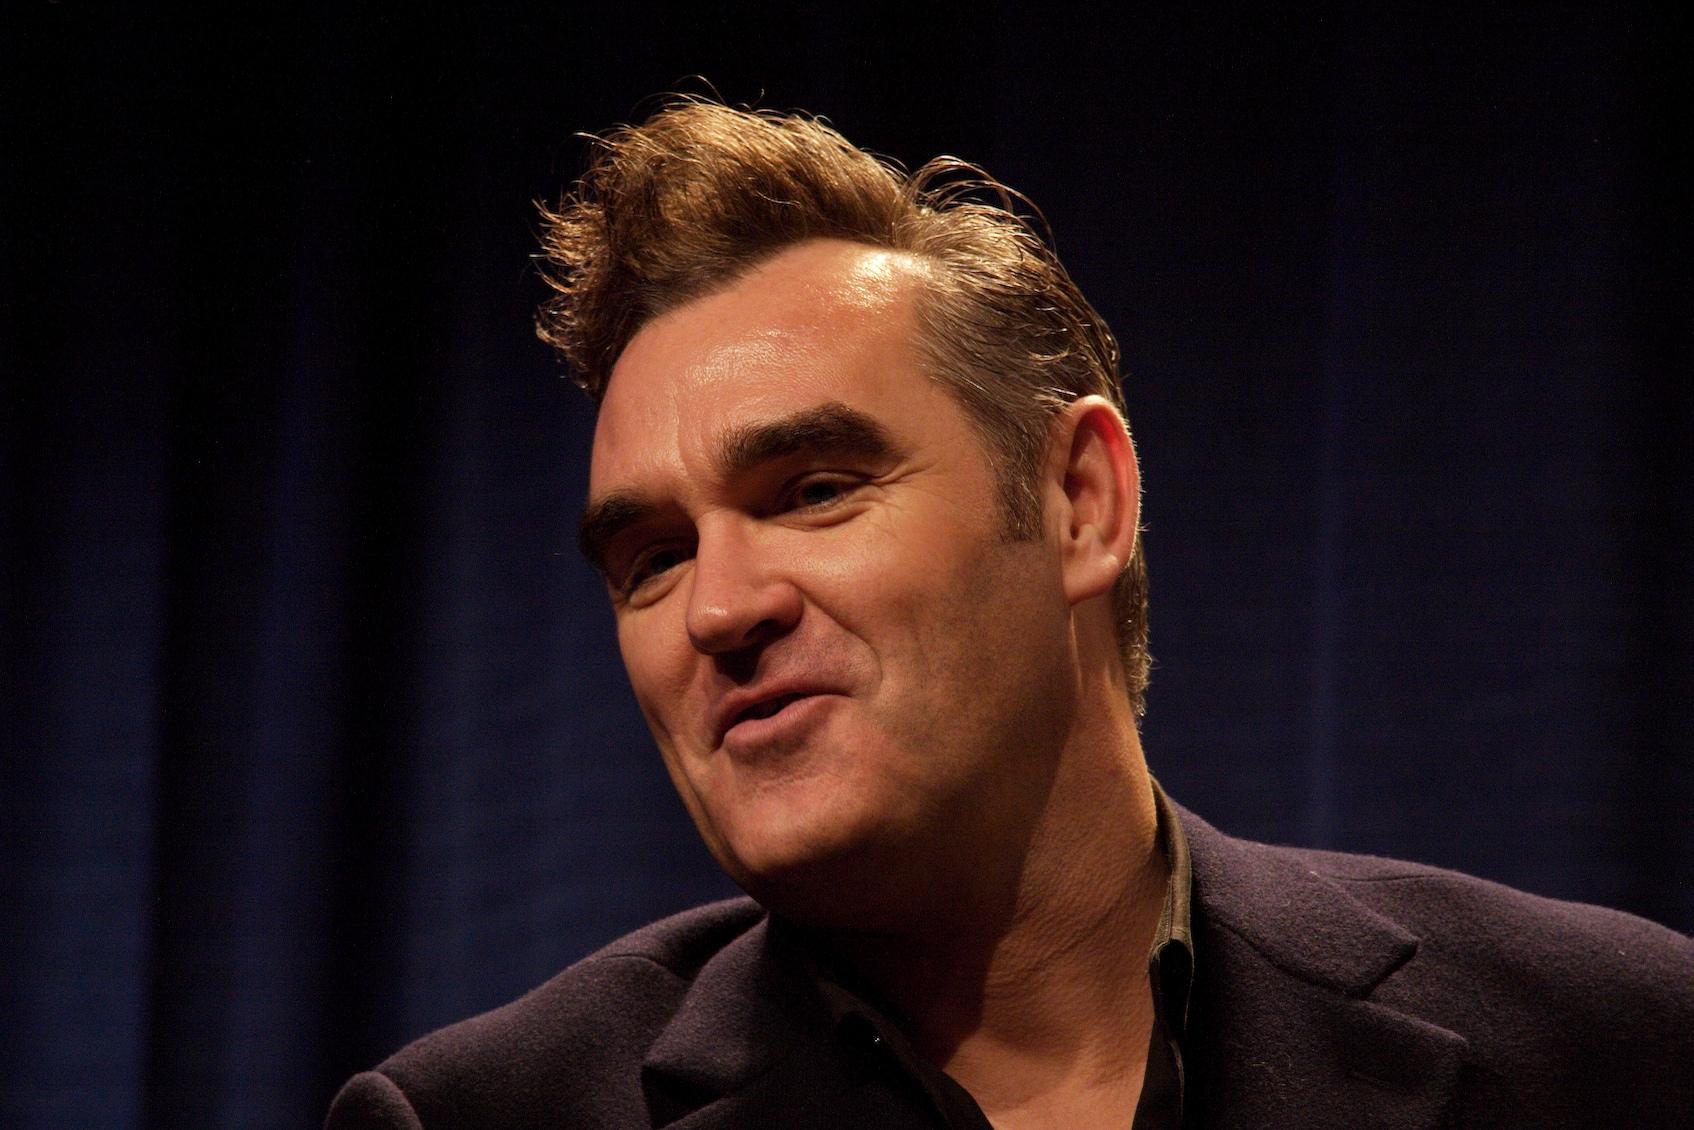 Para quando um novo álbum de Morrissey?